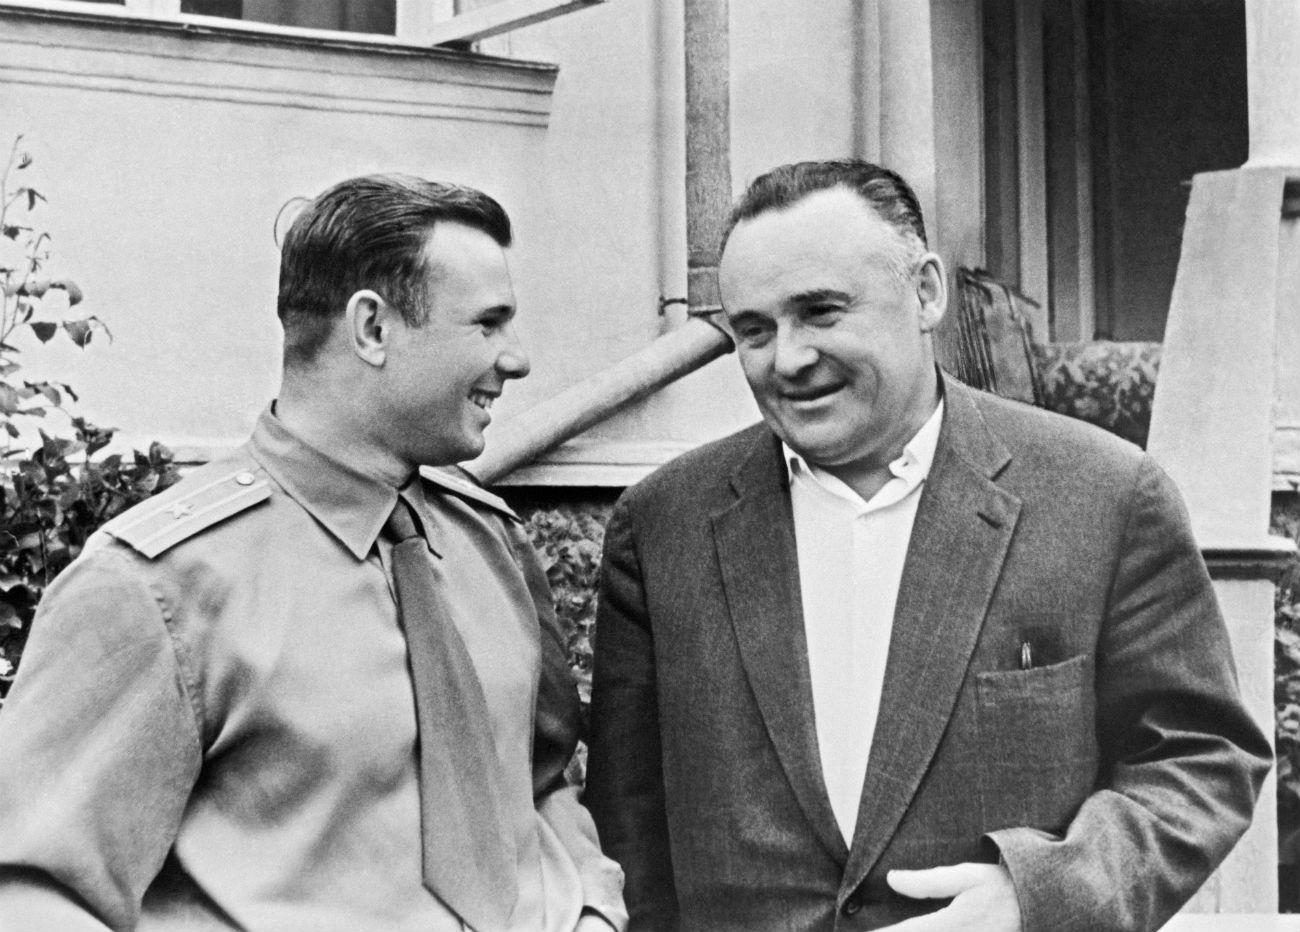 Јуриј Гагарин и Сергеј Корољов, 05. фебруар 1961.